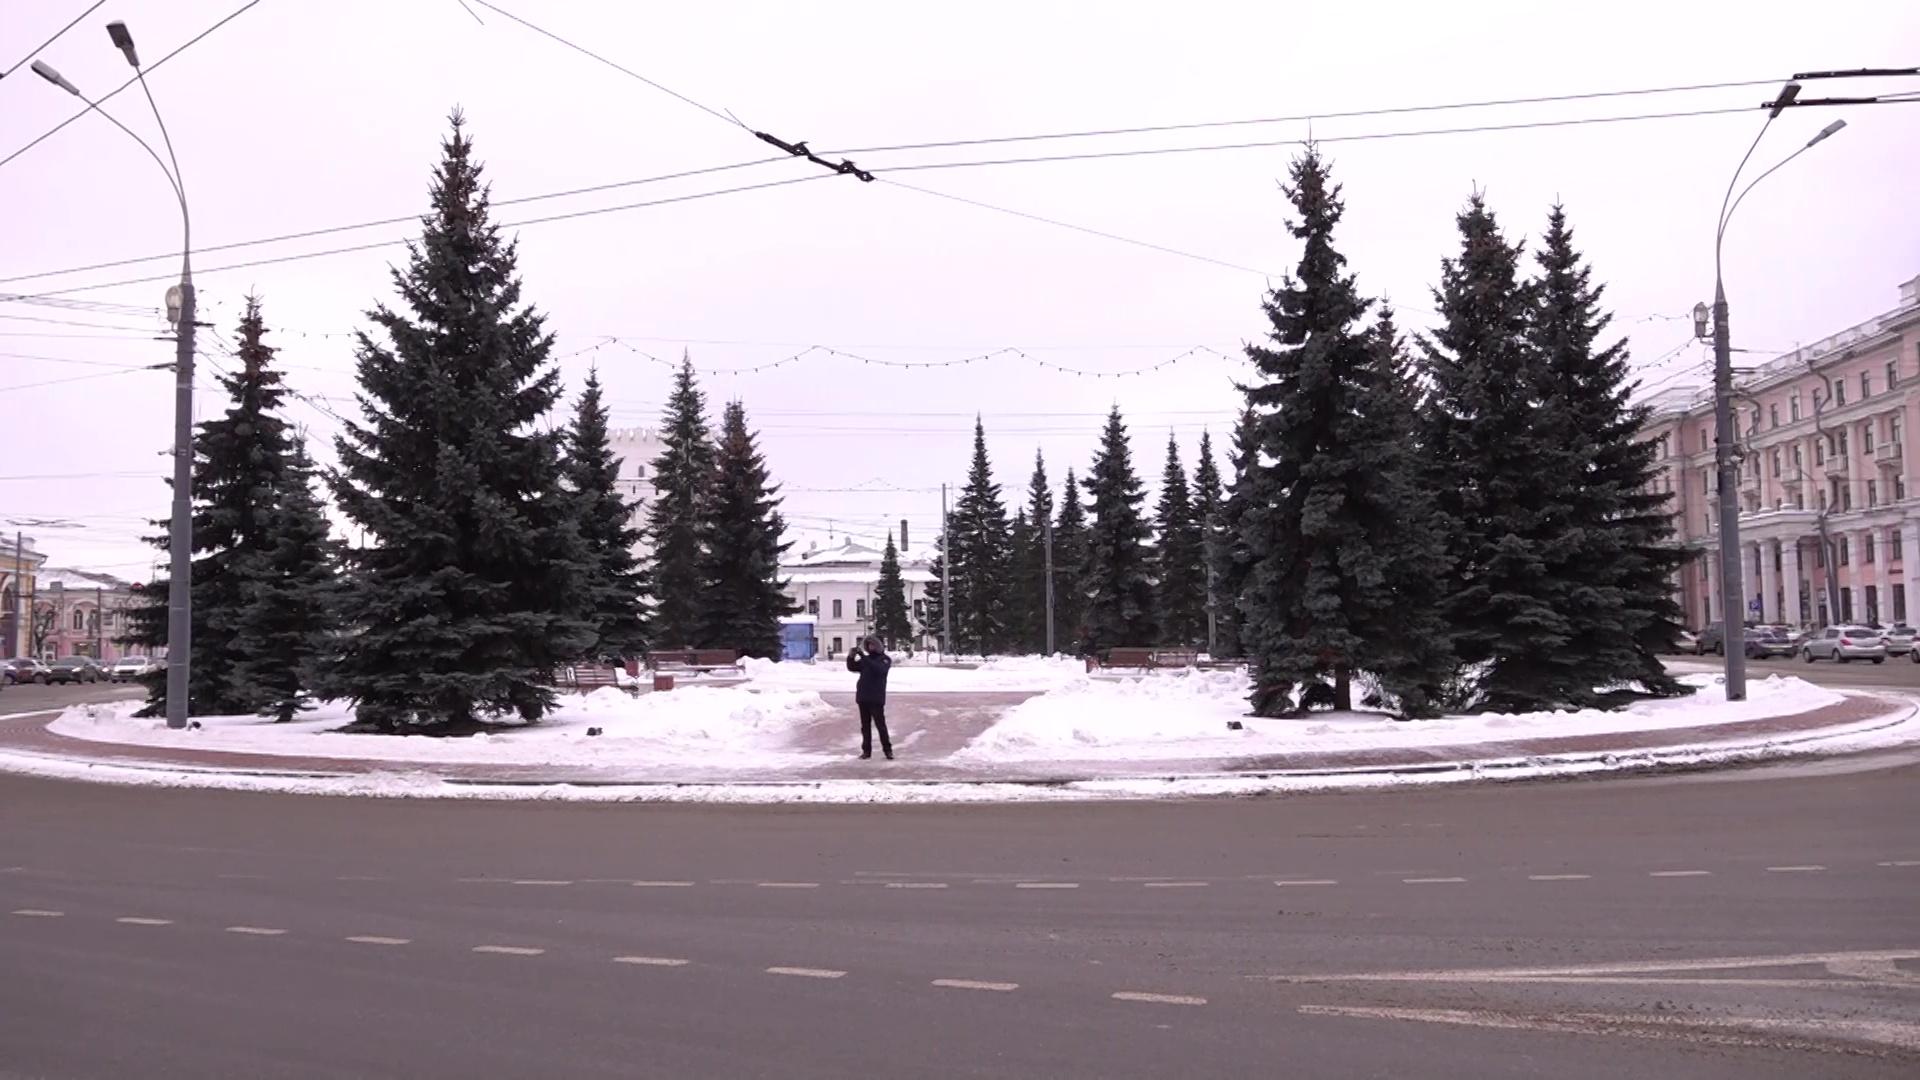 Быть ли застройке? В мэрии Ярославля обсудили вопрос межевания площади Волкова